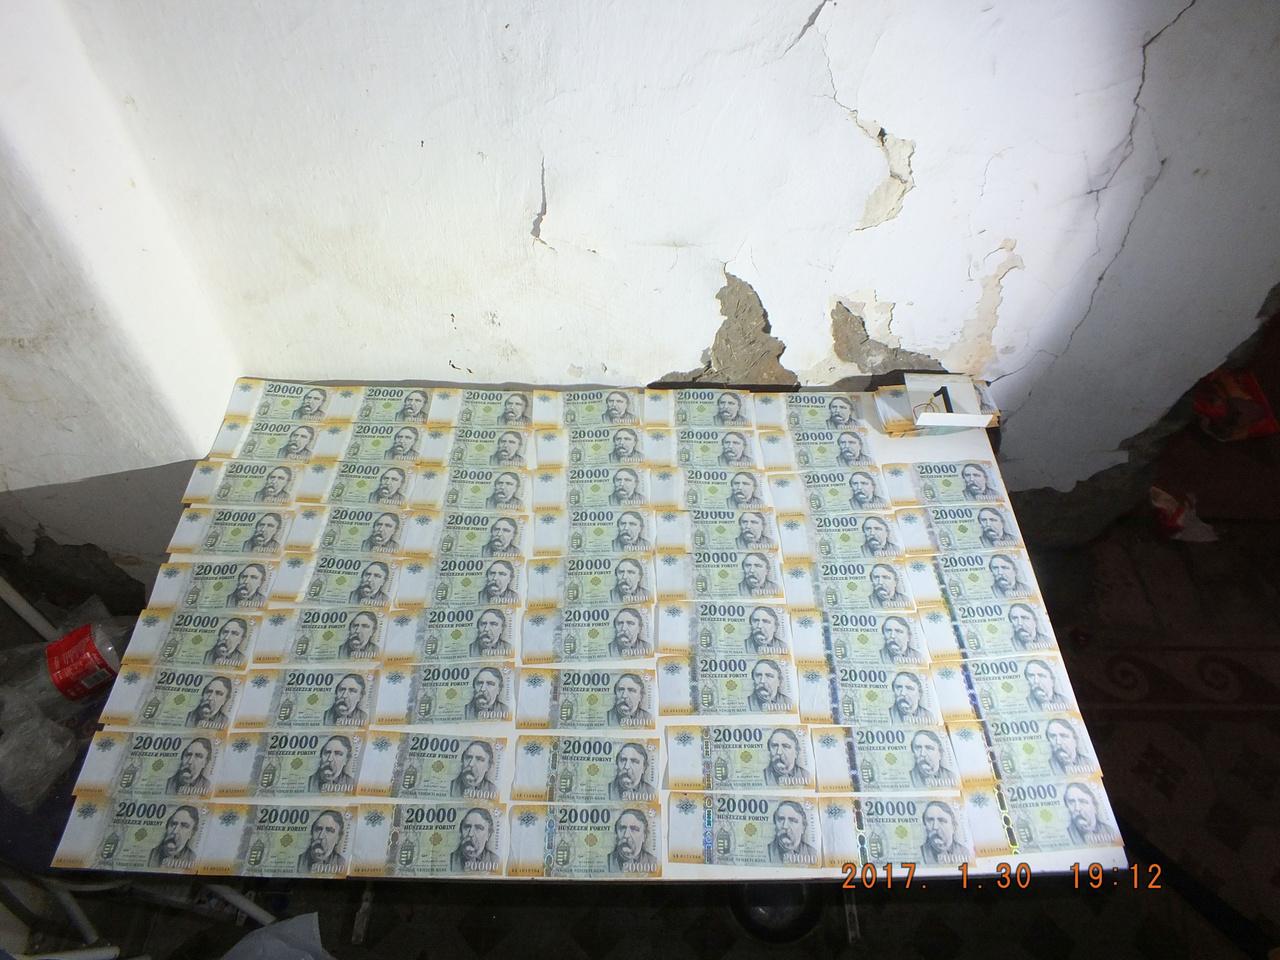 Ezeket a húszezreseket egy hántai házból lopták el bakonyszombathelyi illetők. Hántán egy lemezkazetta rejtett tetemes összeget, ráadásul a tolvajok időközben a pénz nagy részét elköltötték, ez csak a maradék. A 31 éves férfi és a 27 éves nő beismerő vallomást tett. Szép fogás, de a falat levakolhatnák.